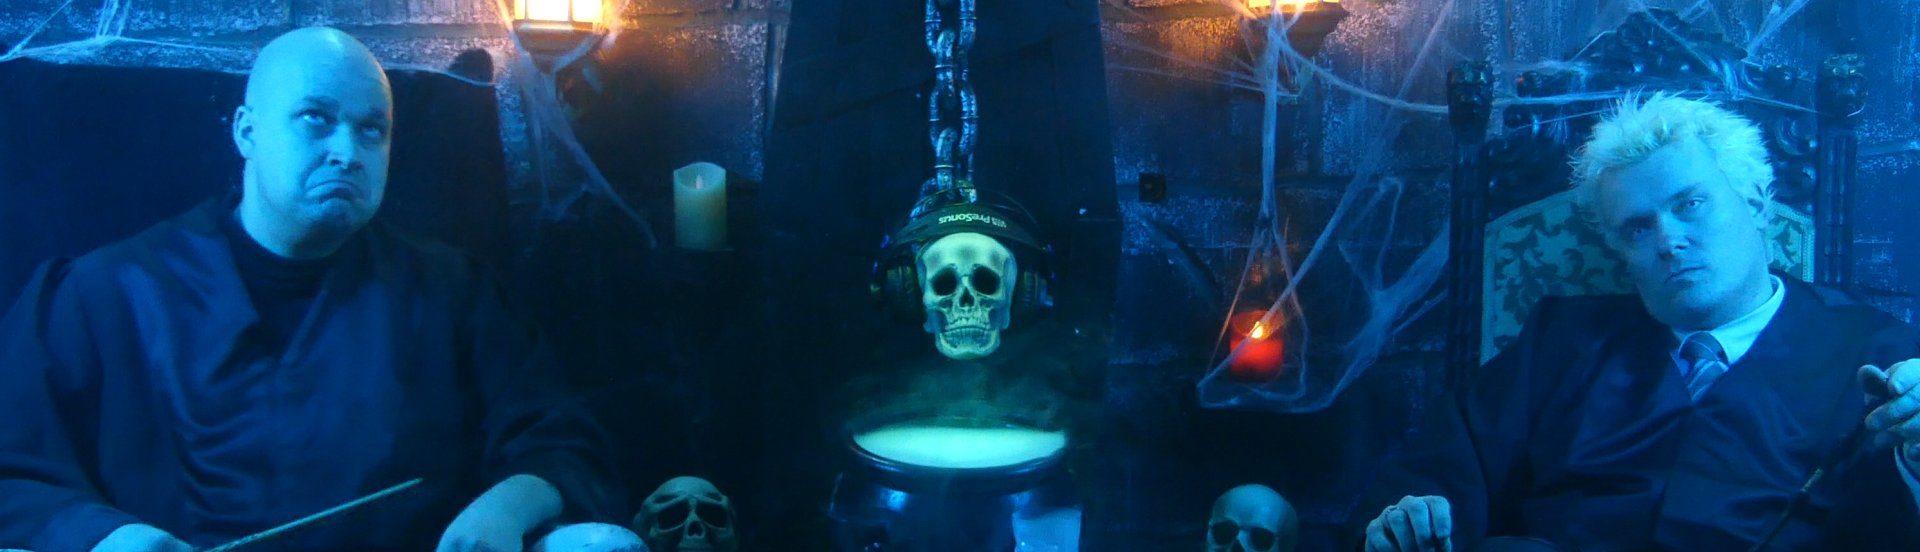 Hörspielkammer des Schreckens 7: Edgar Wallace – Der unheimliche Mönch (Maritim)